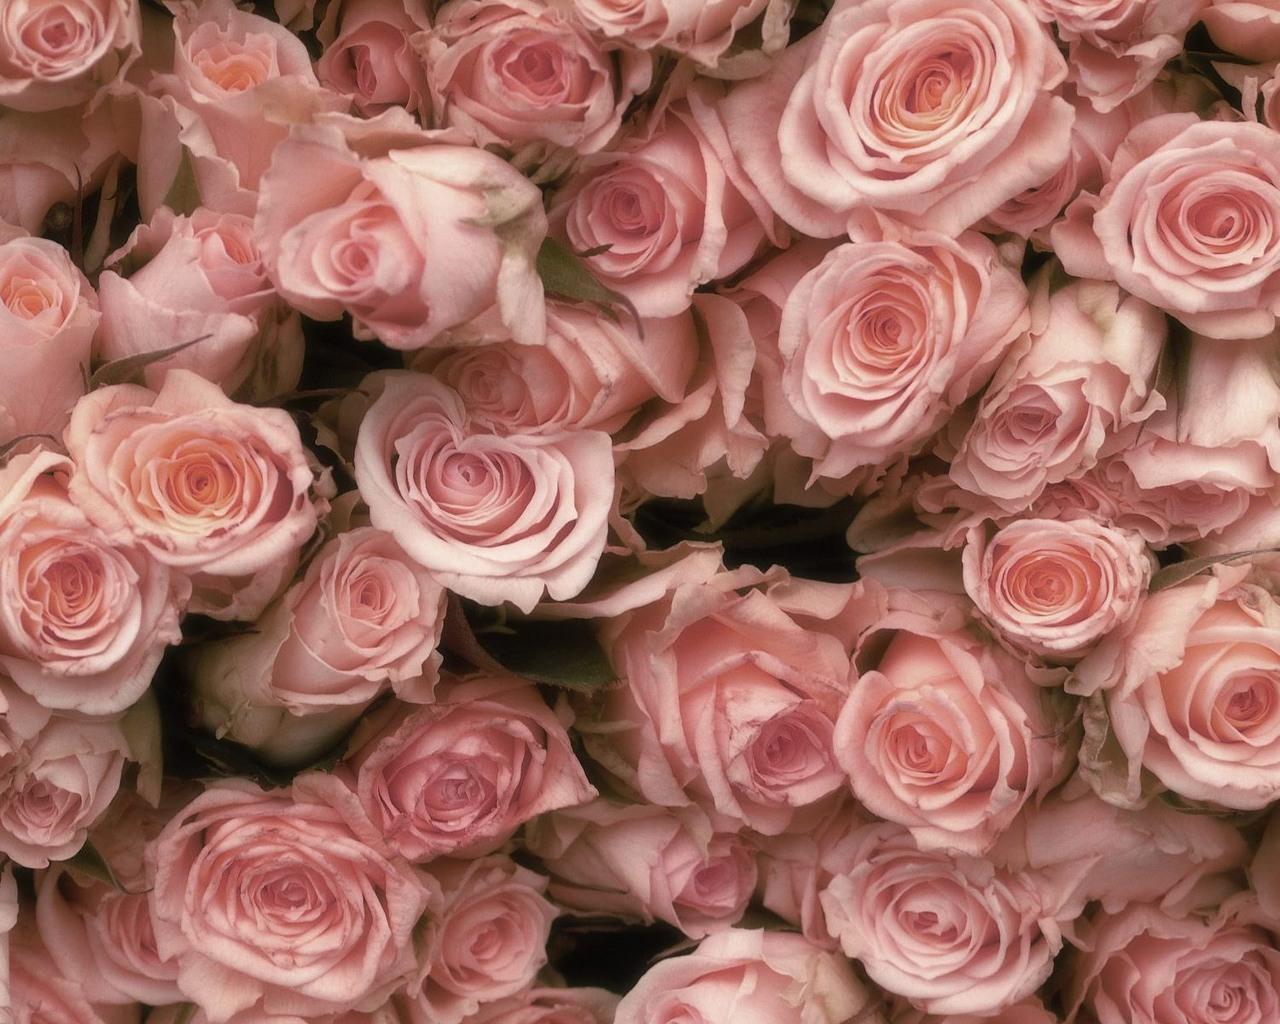 11225 Hintergrundbild herunterladen Roses, Pflanzen, Blumen, Hintergrund - Bildschirmschoner und Bilder kostenlos